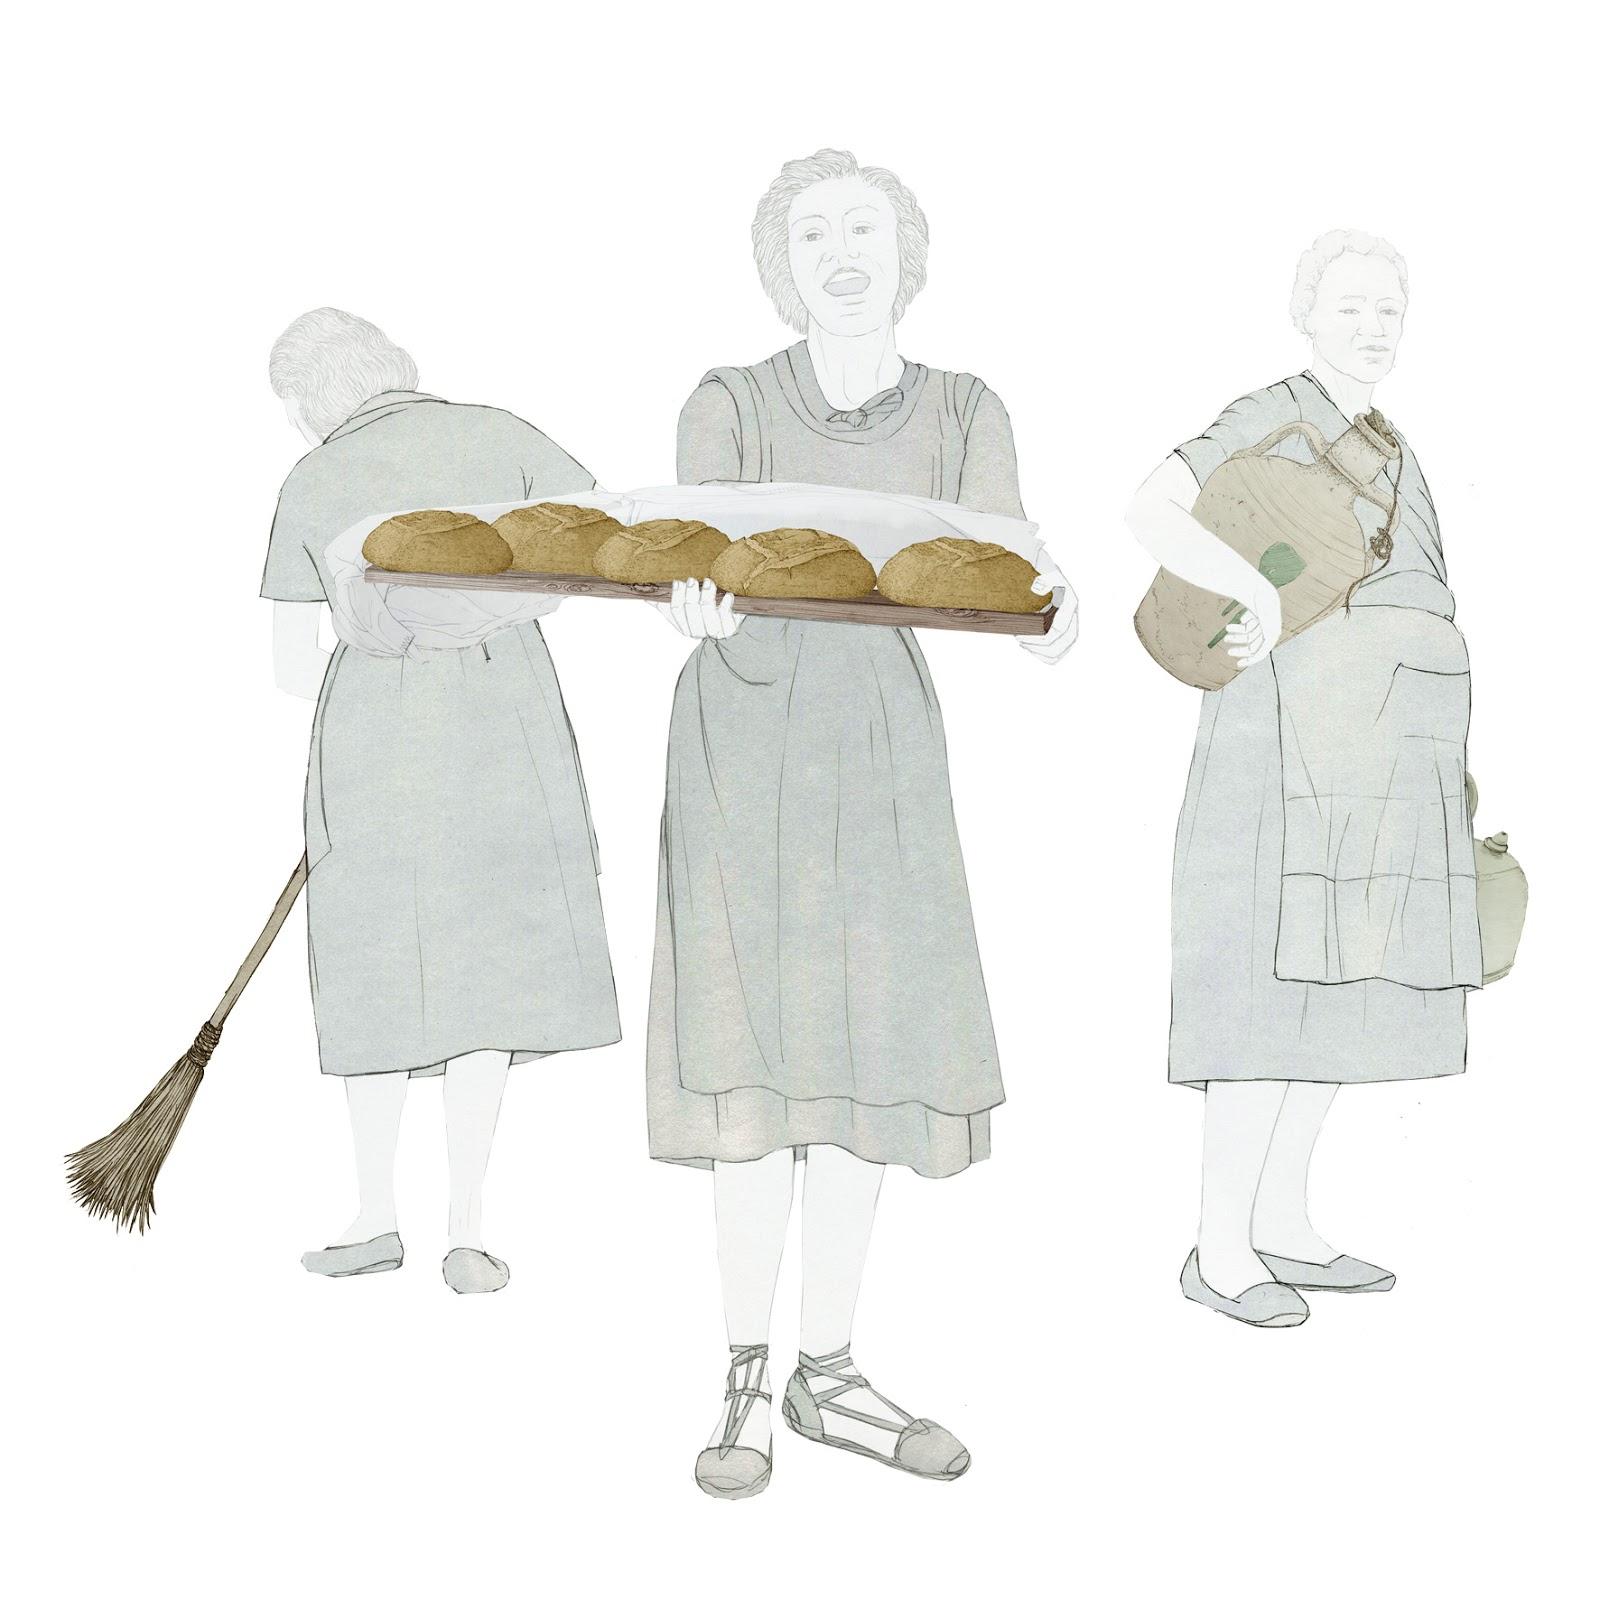 barrer, traer agua, hacer pan, tareas , mujeres, dibujo